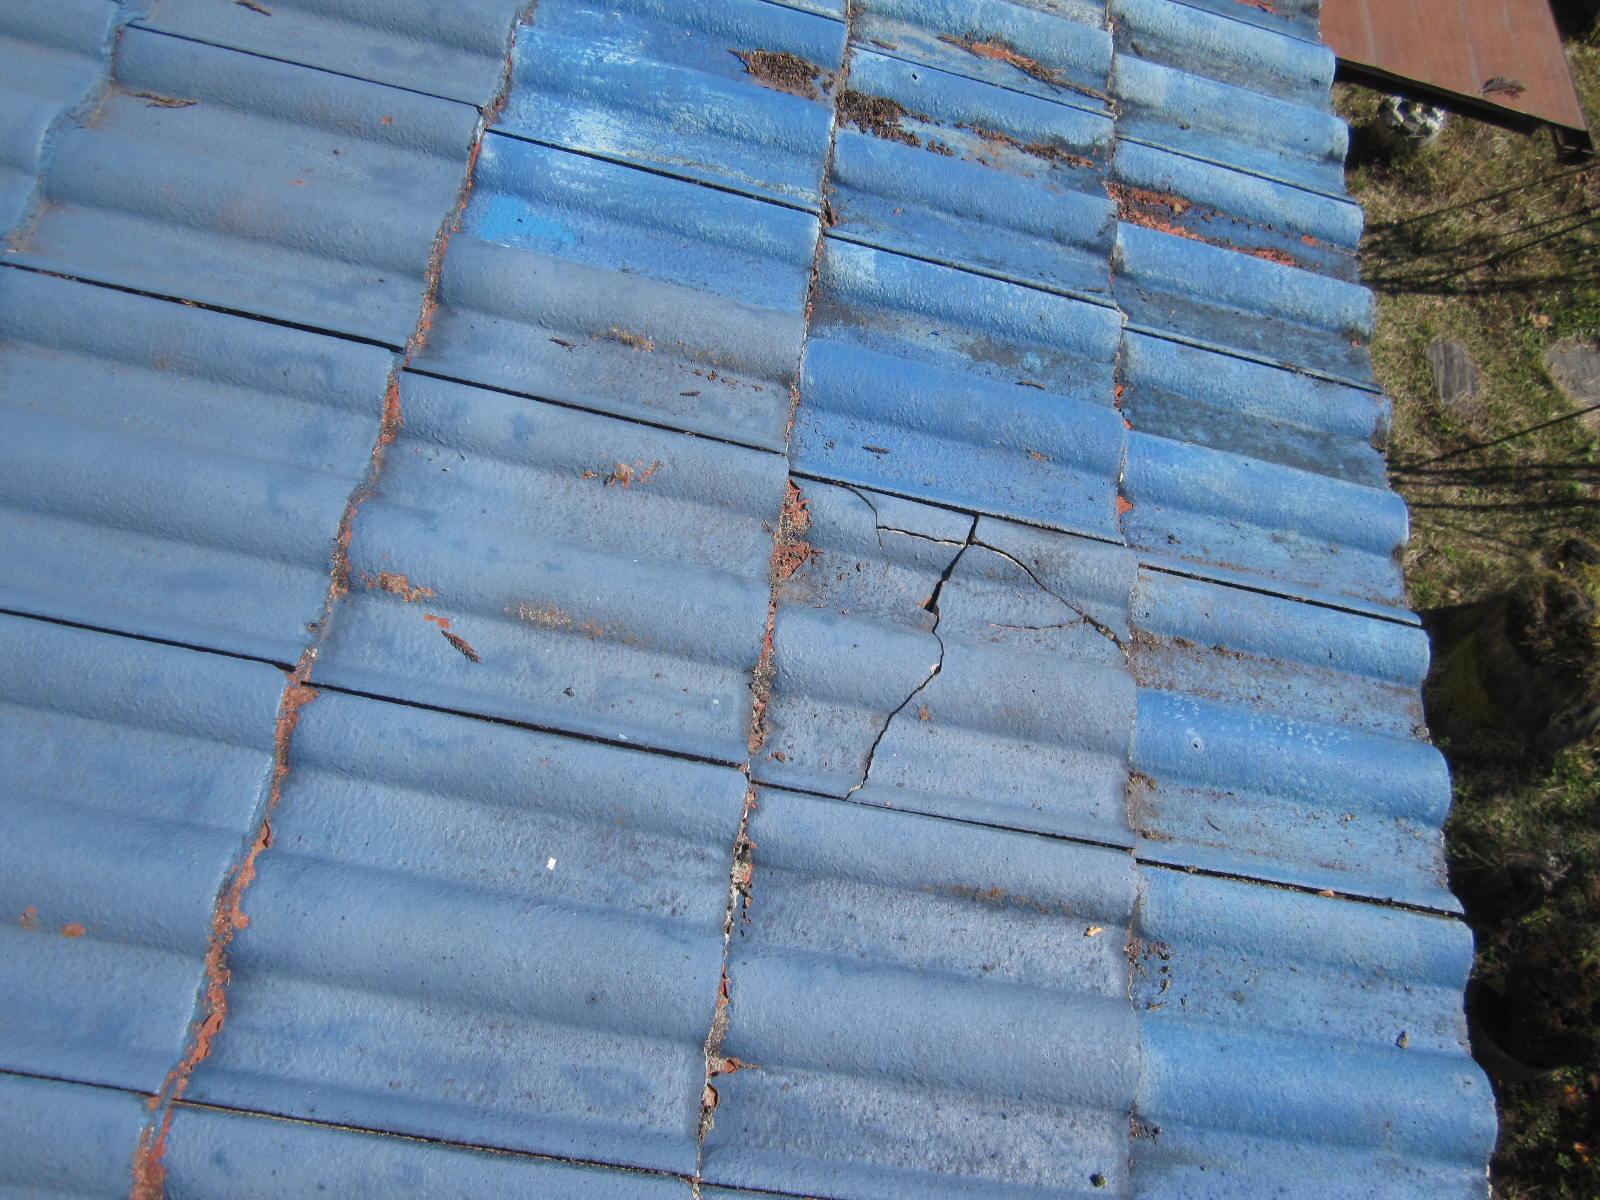 モニエル瓦(センチュリオン)の破損地瓦差替え工事をします in塩谷町